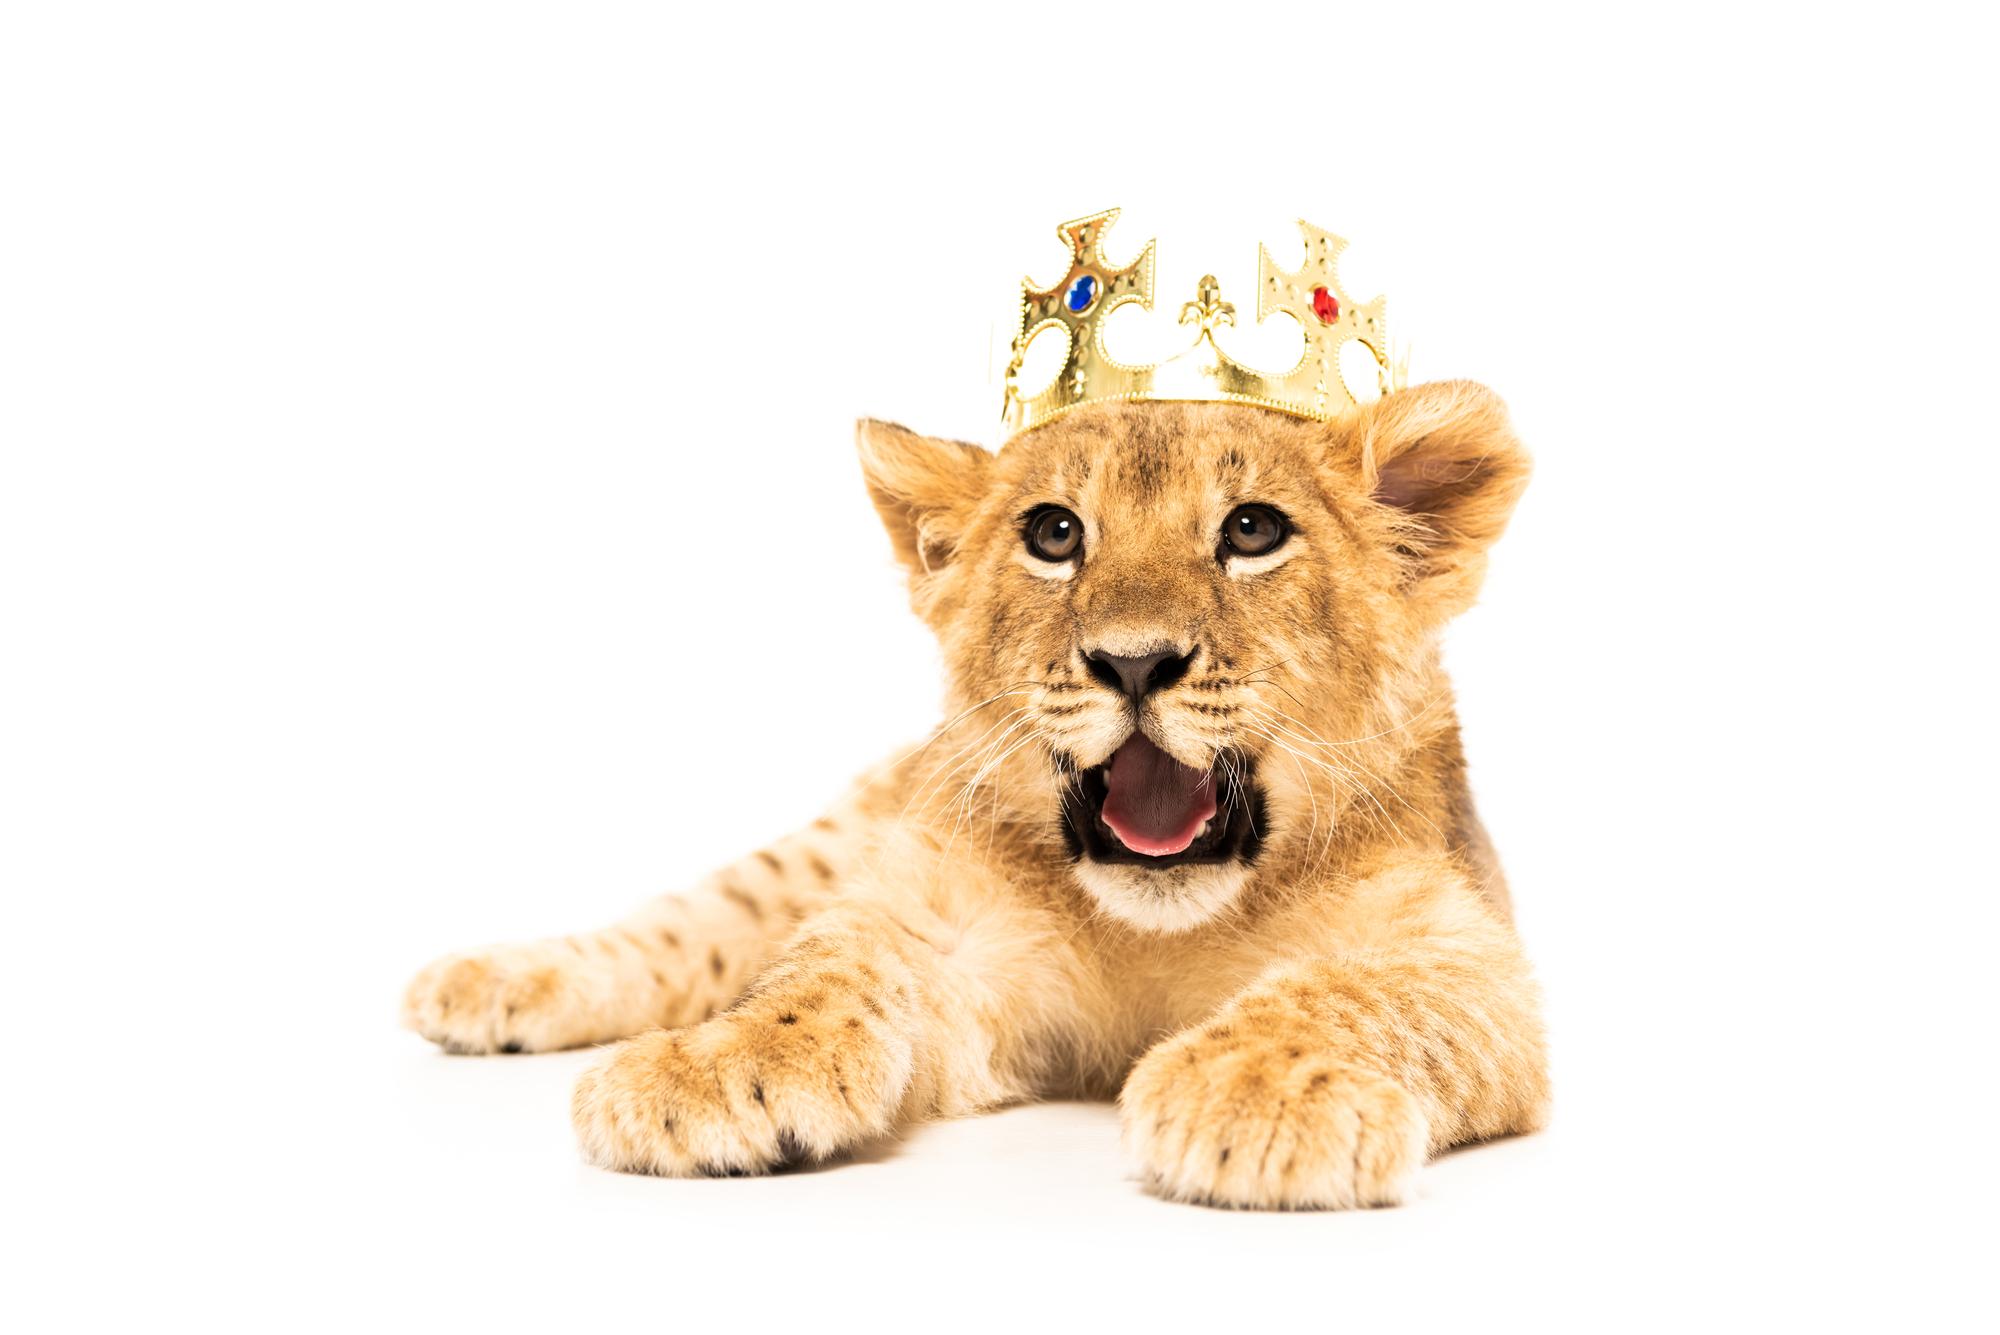 PEP in crown